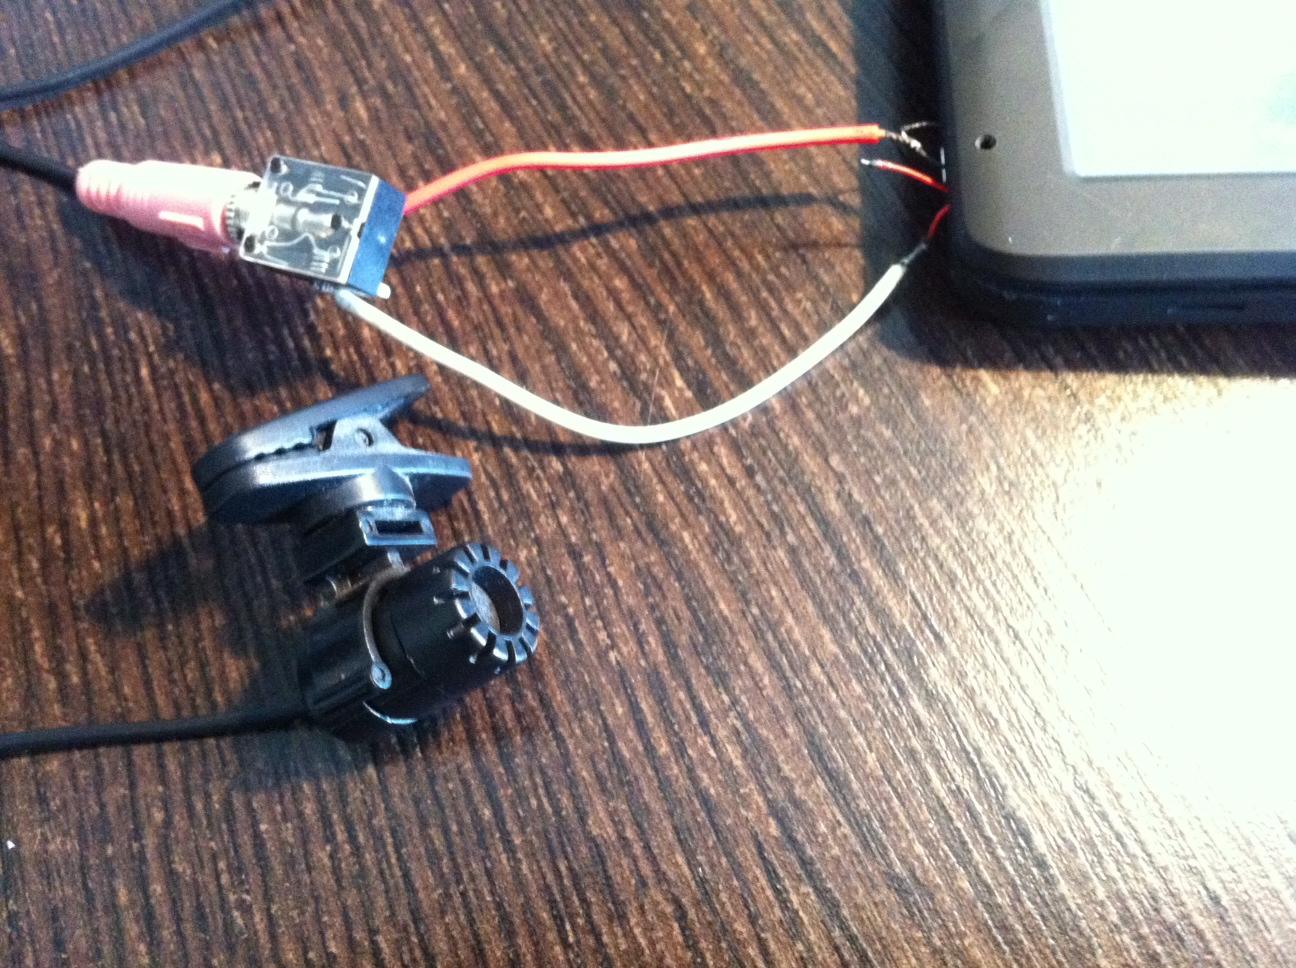 Modecom FreeWay MX3 - Zak��cenia ��cza bluetooth podczas pracy silnika?